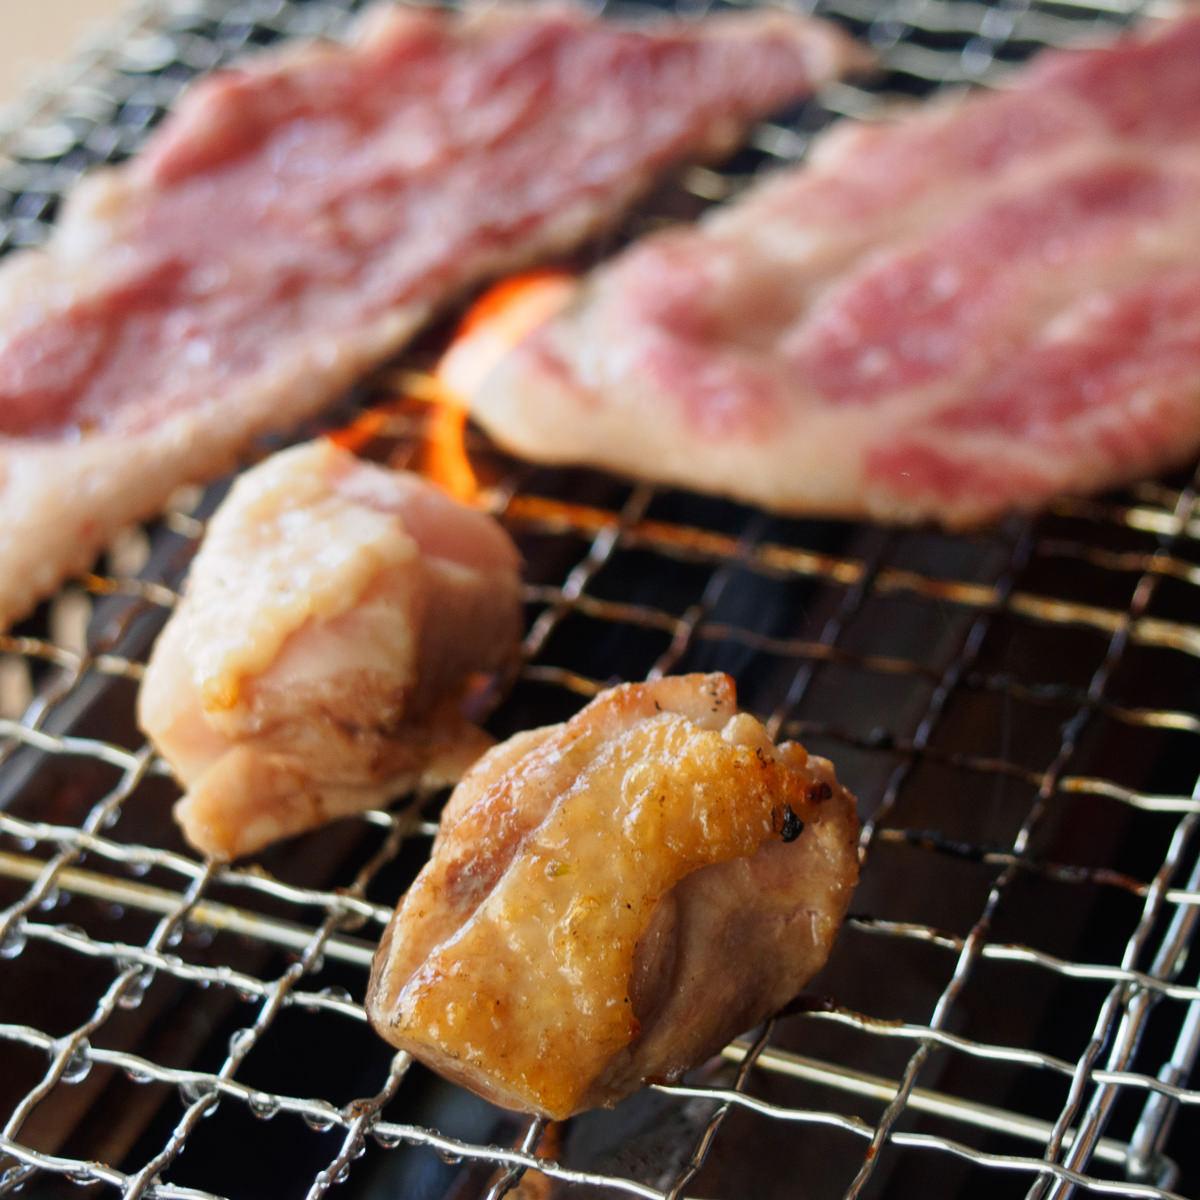 前田牧場のファーマーズBBQ焼肉セット2〜3人前800g〔牛豚鶏肉70g×各2他全5種、焼肉のたれ30g×2〕栃木県 みんなの会社